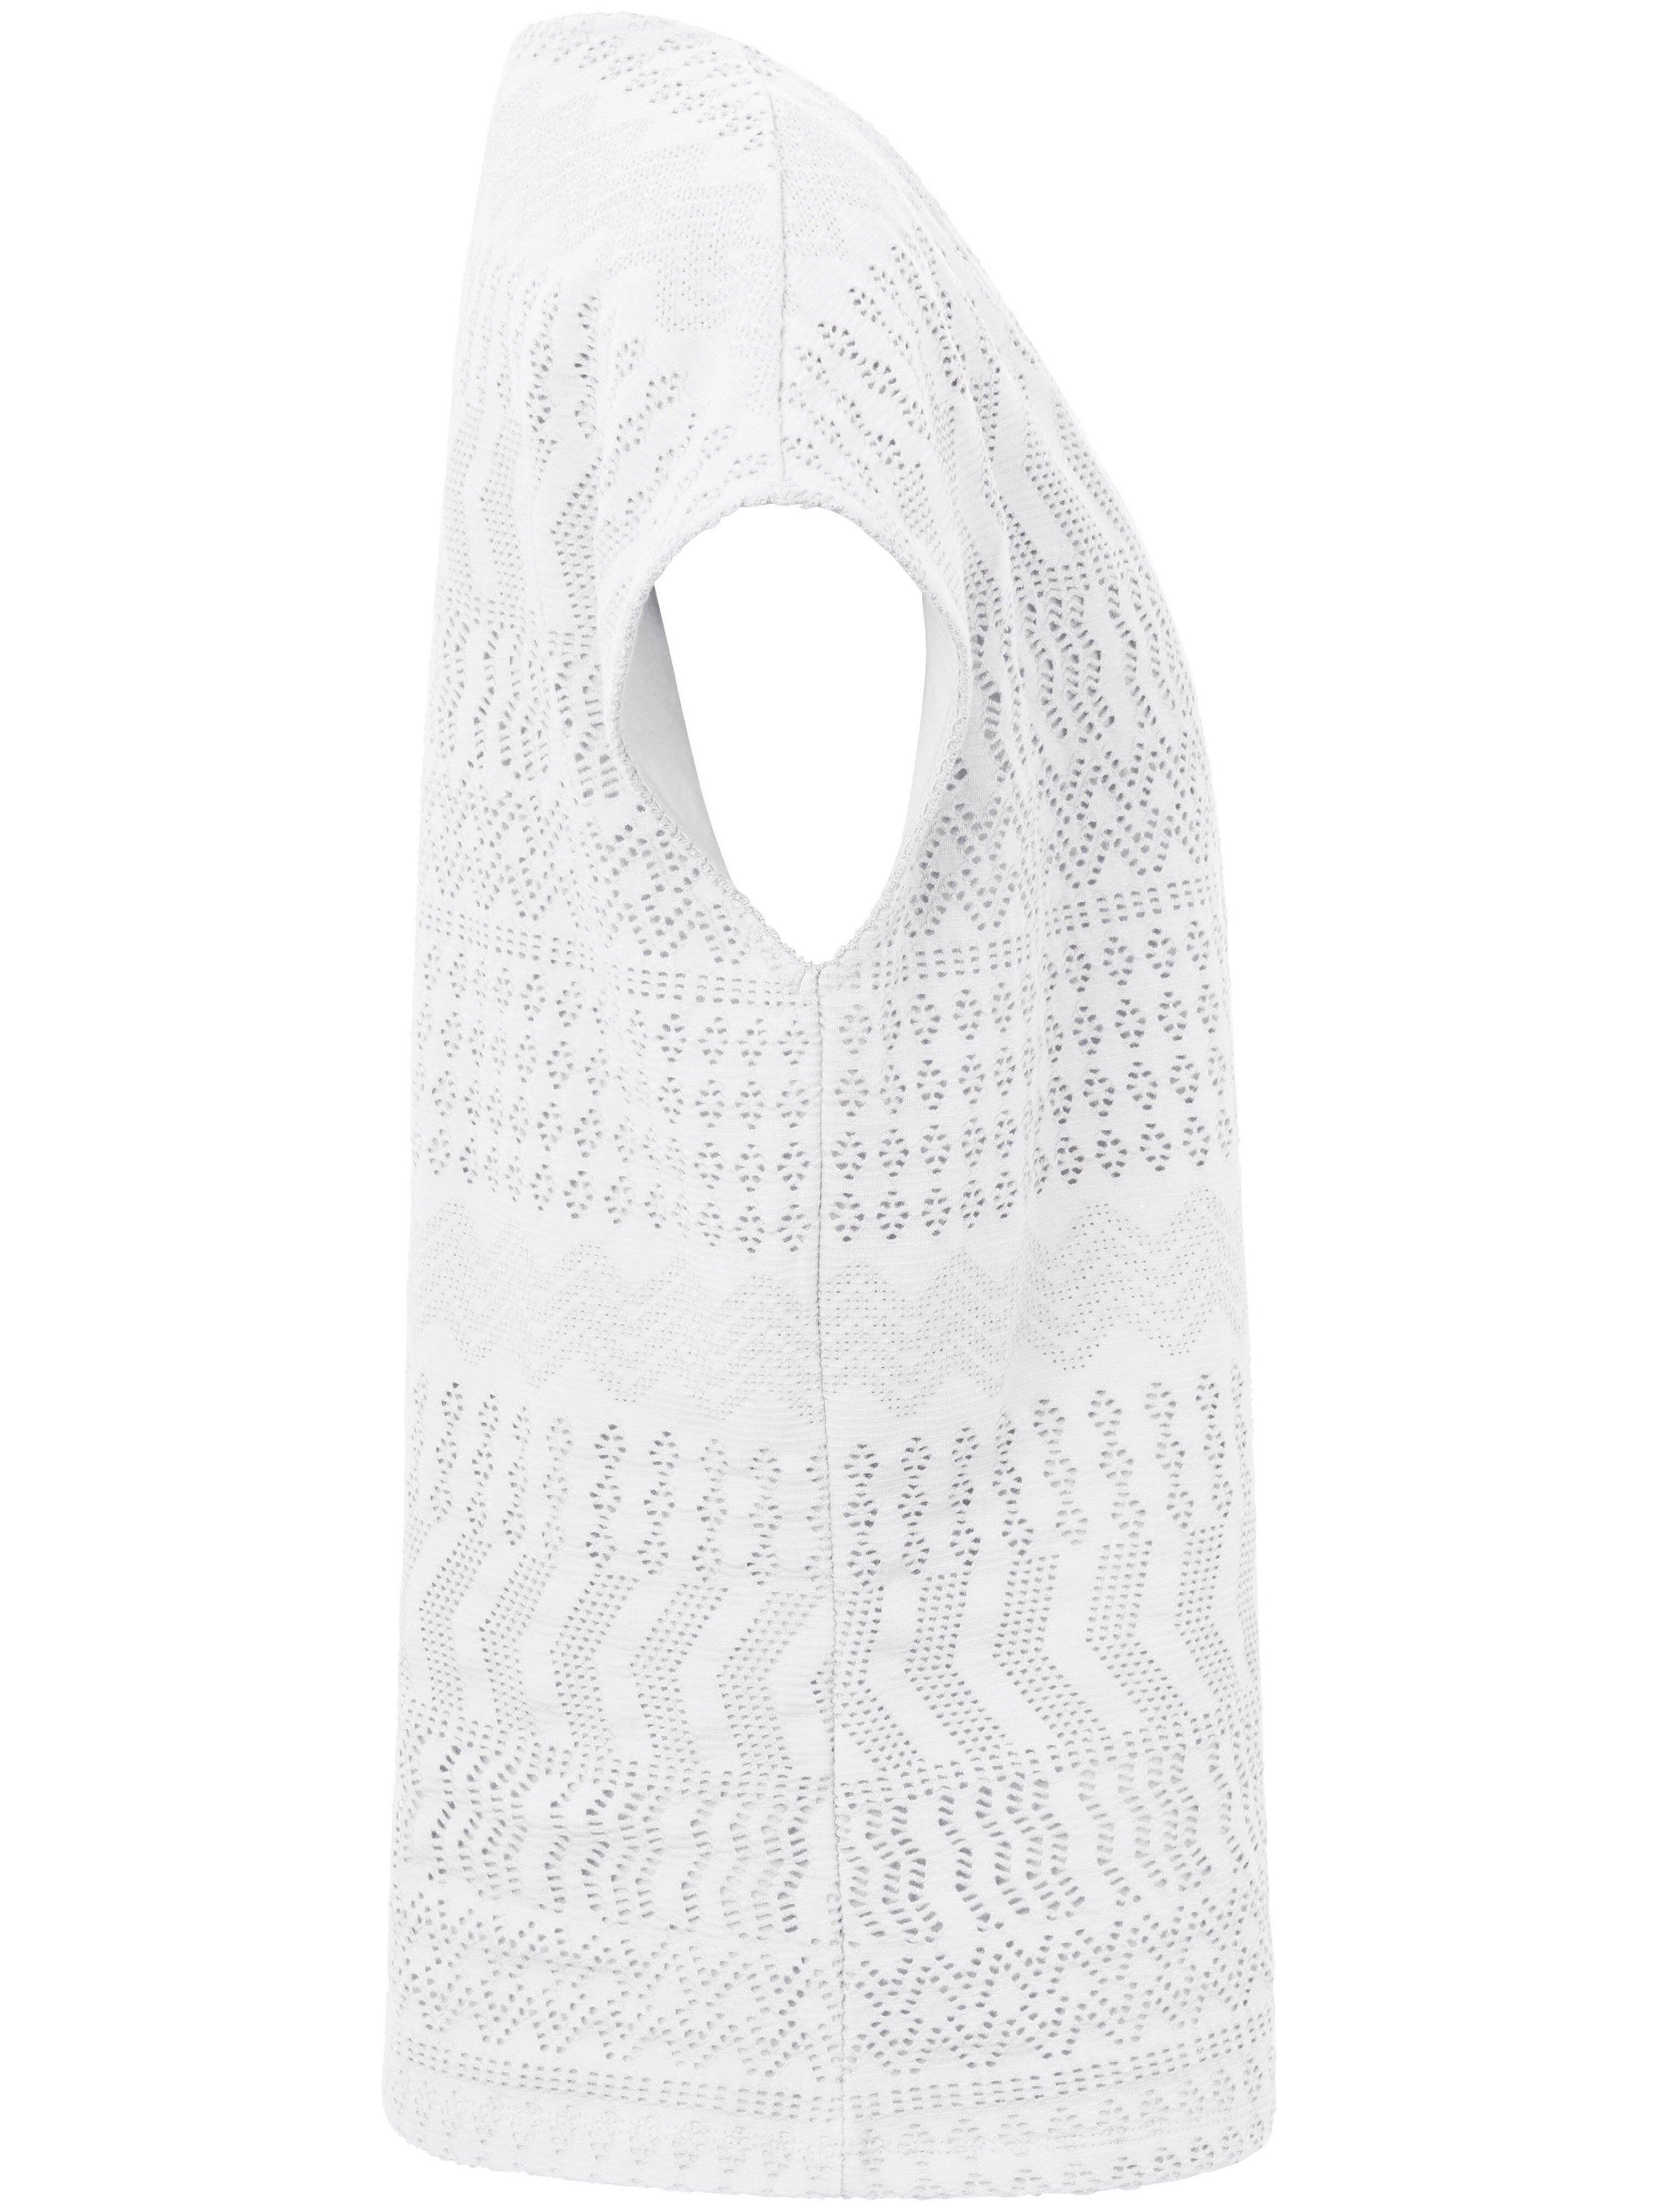 Bluse 1/2-arm Fra Peter Hahn hvid